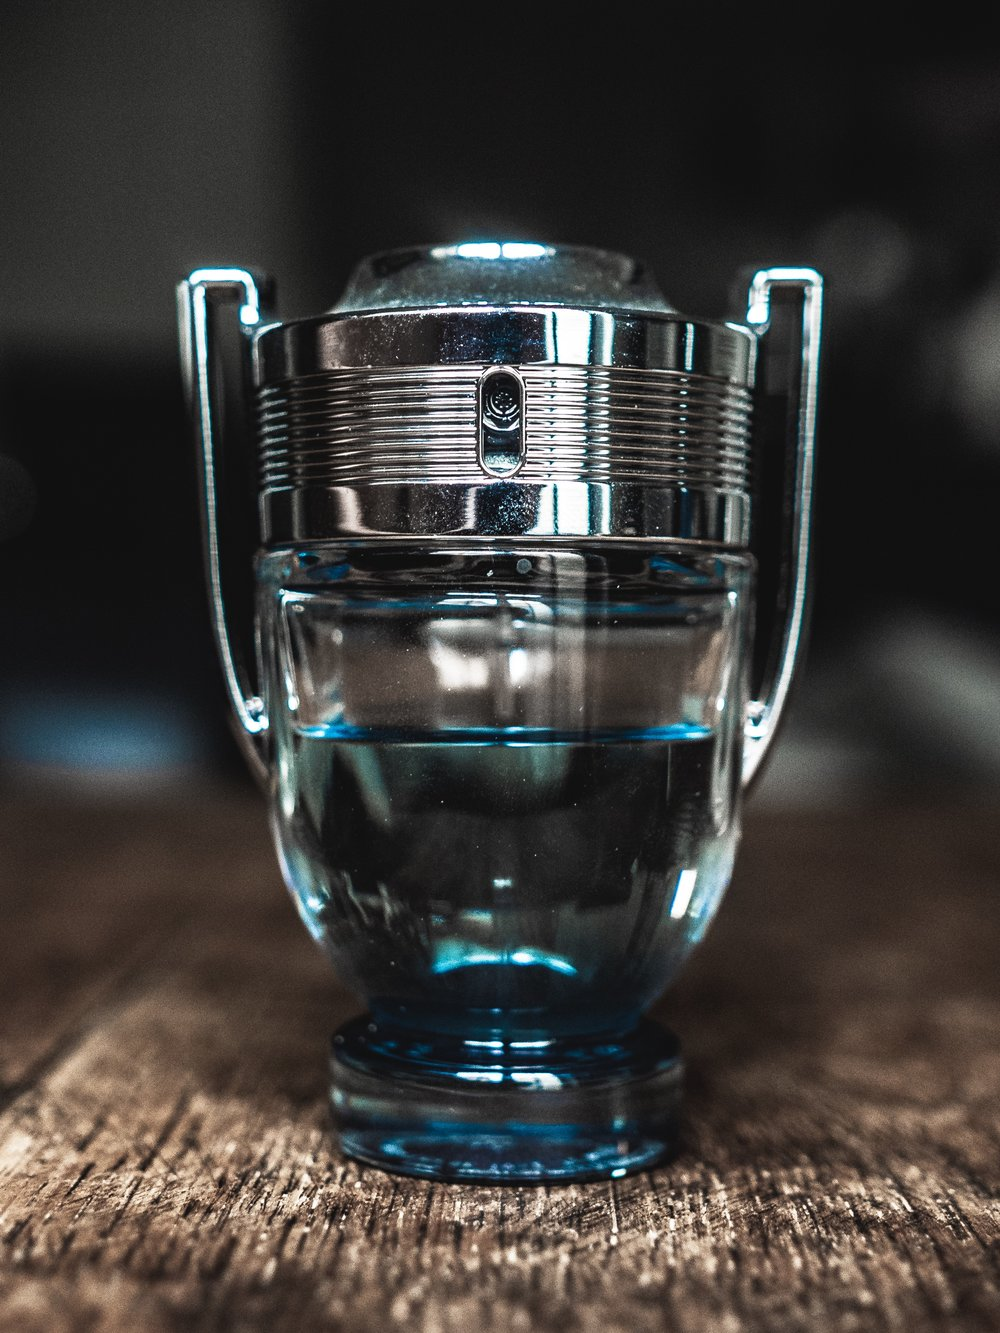 Paco Rabanne Invictus Aqua 2018 Fragrance Review Aquatic Scent Reformulation